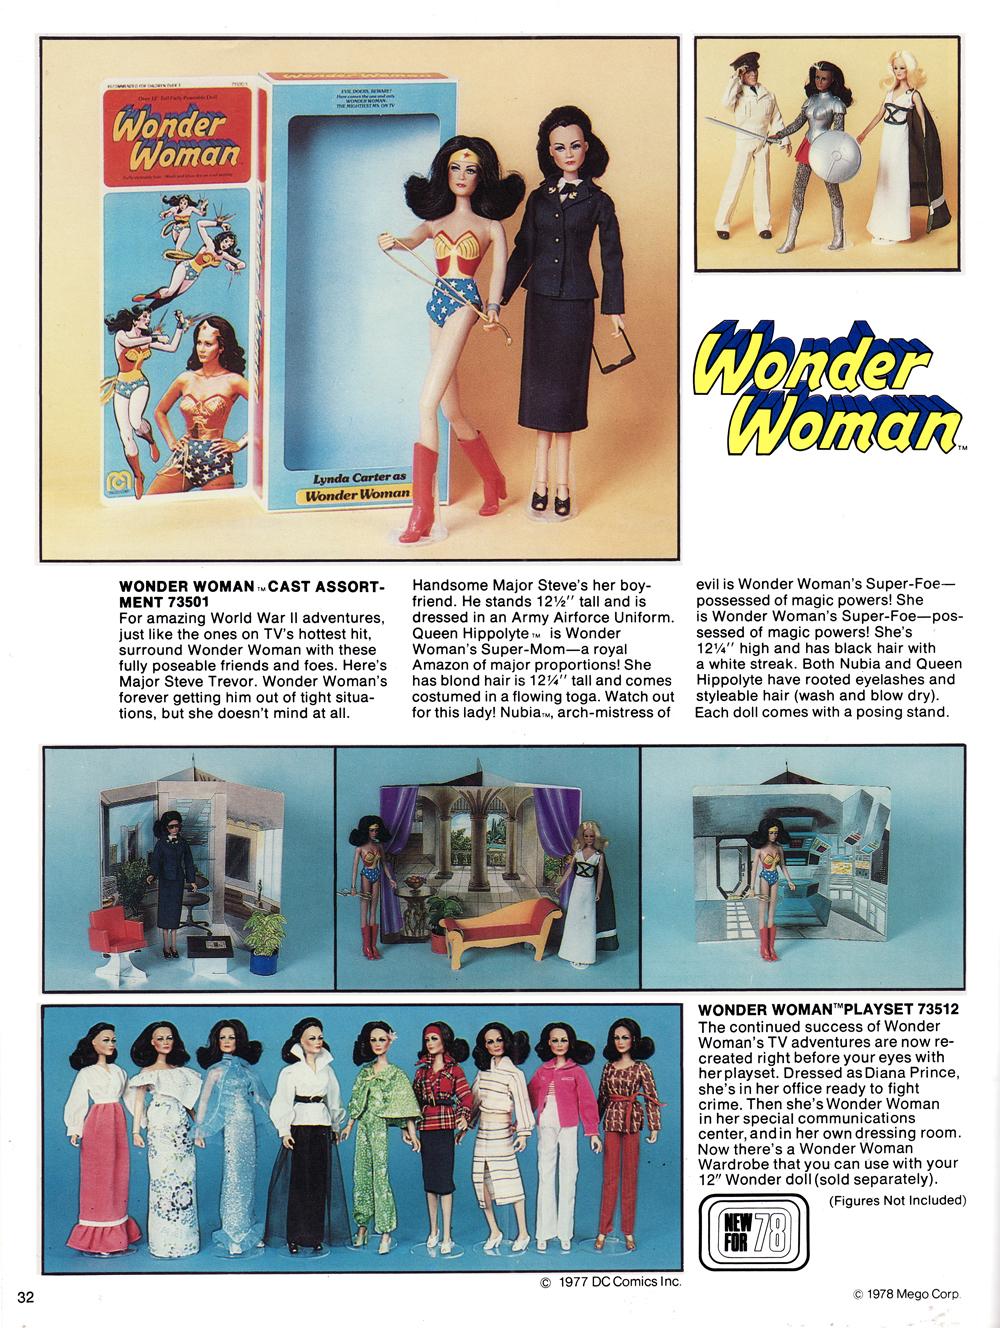 c0e7f841cbf8 Mego 1978 Catalog Cover showing 1978 lineup